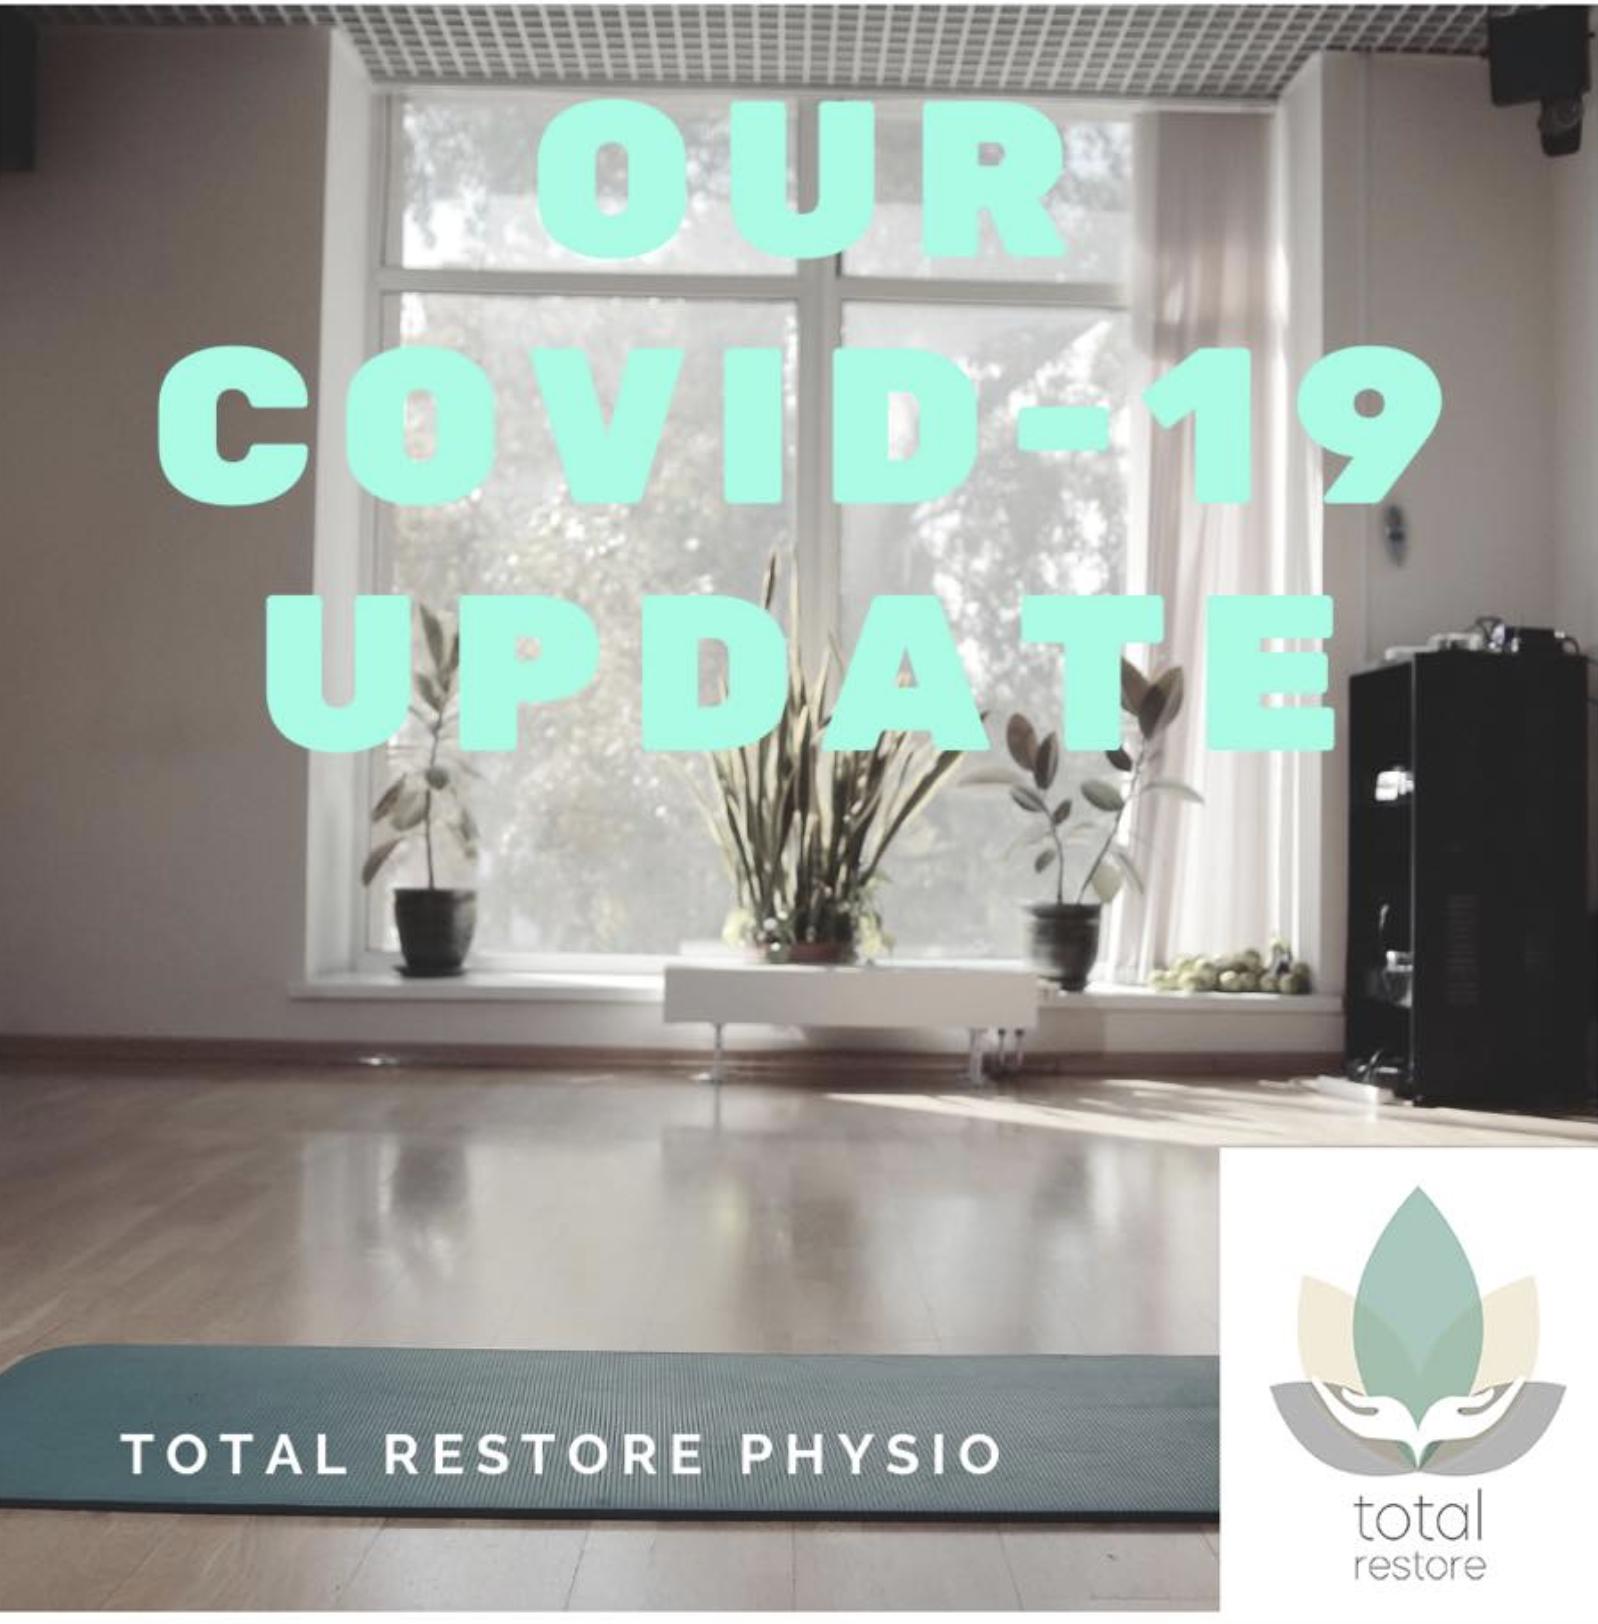 Covid-19 update - Total Restore